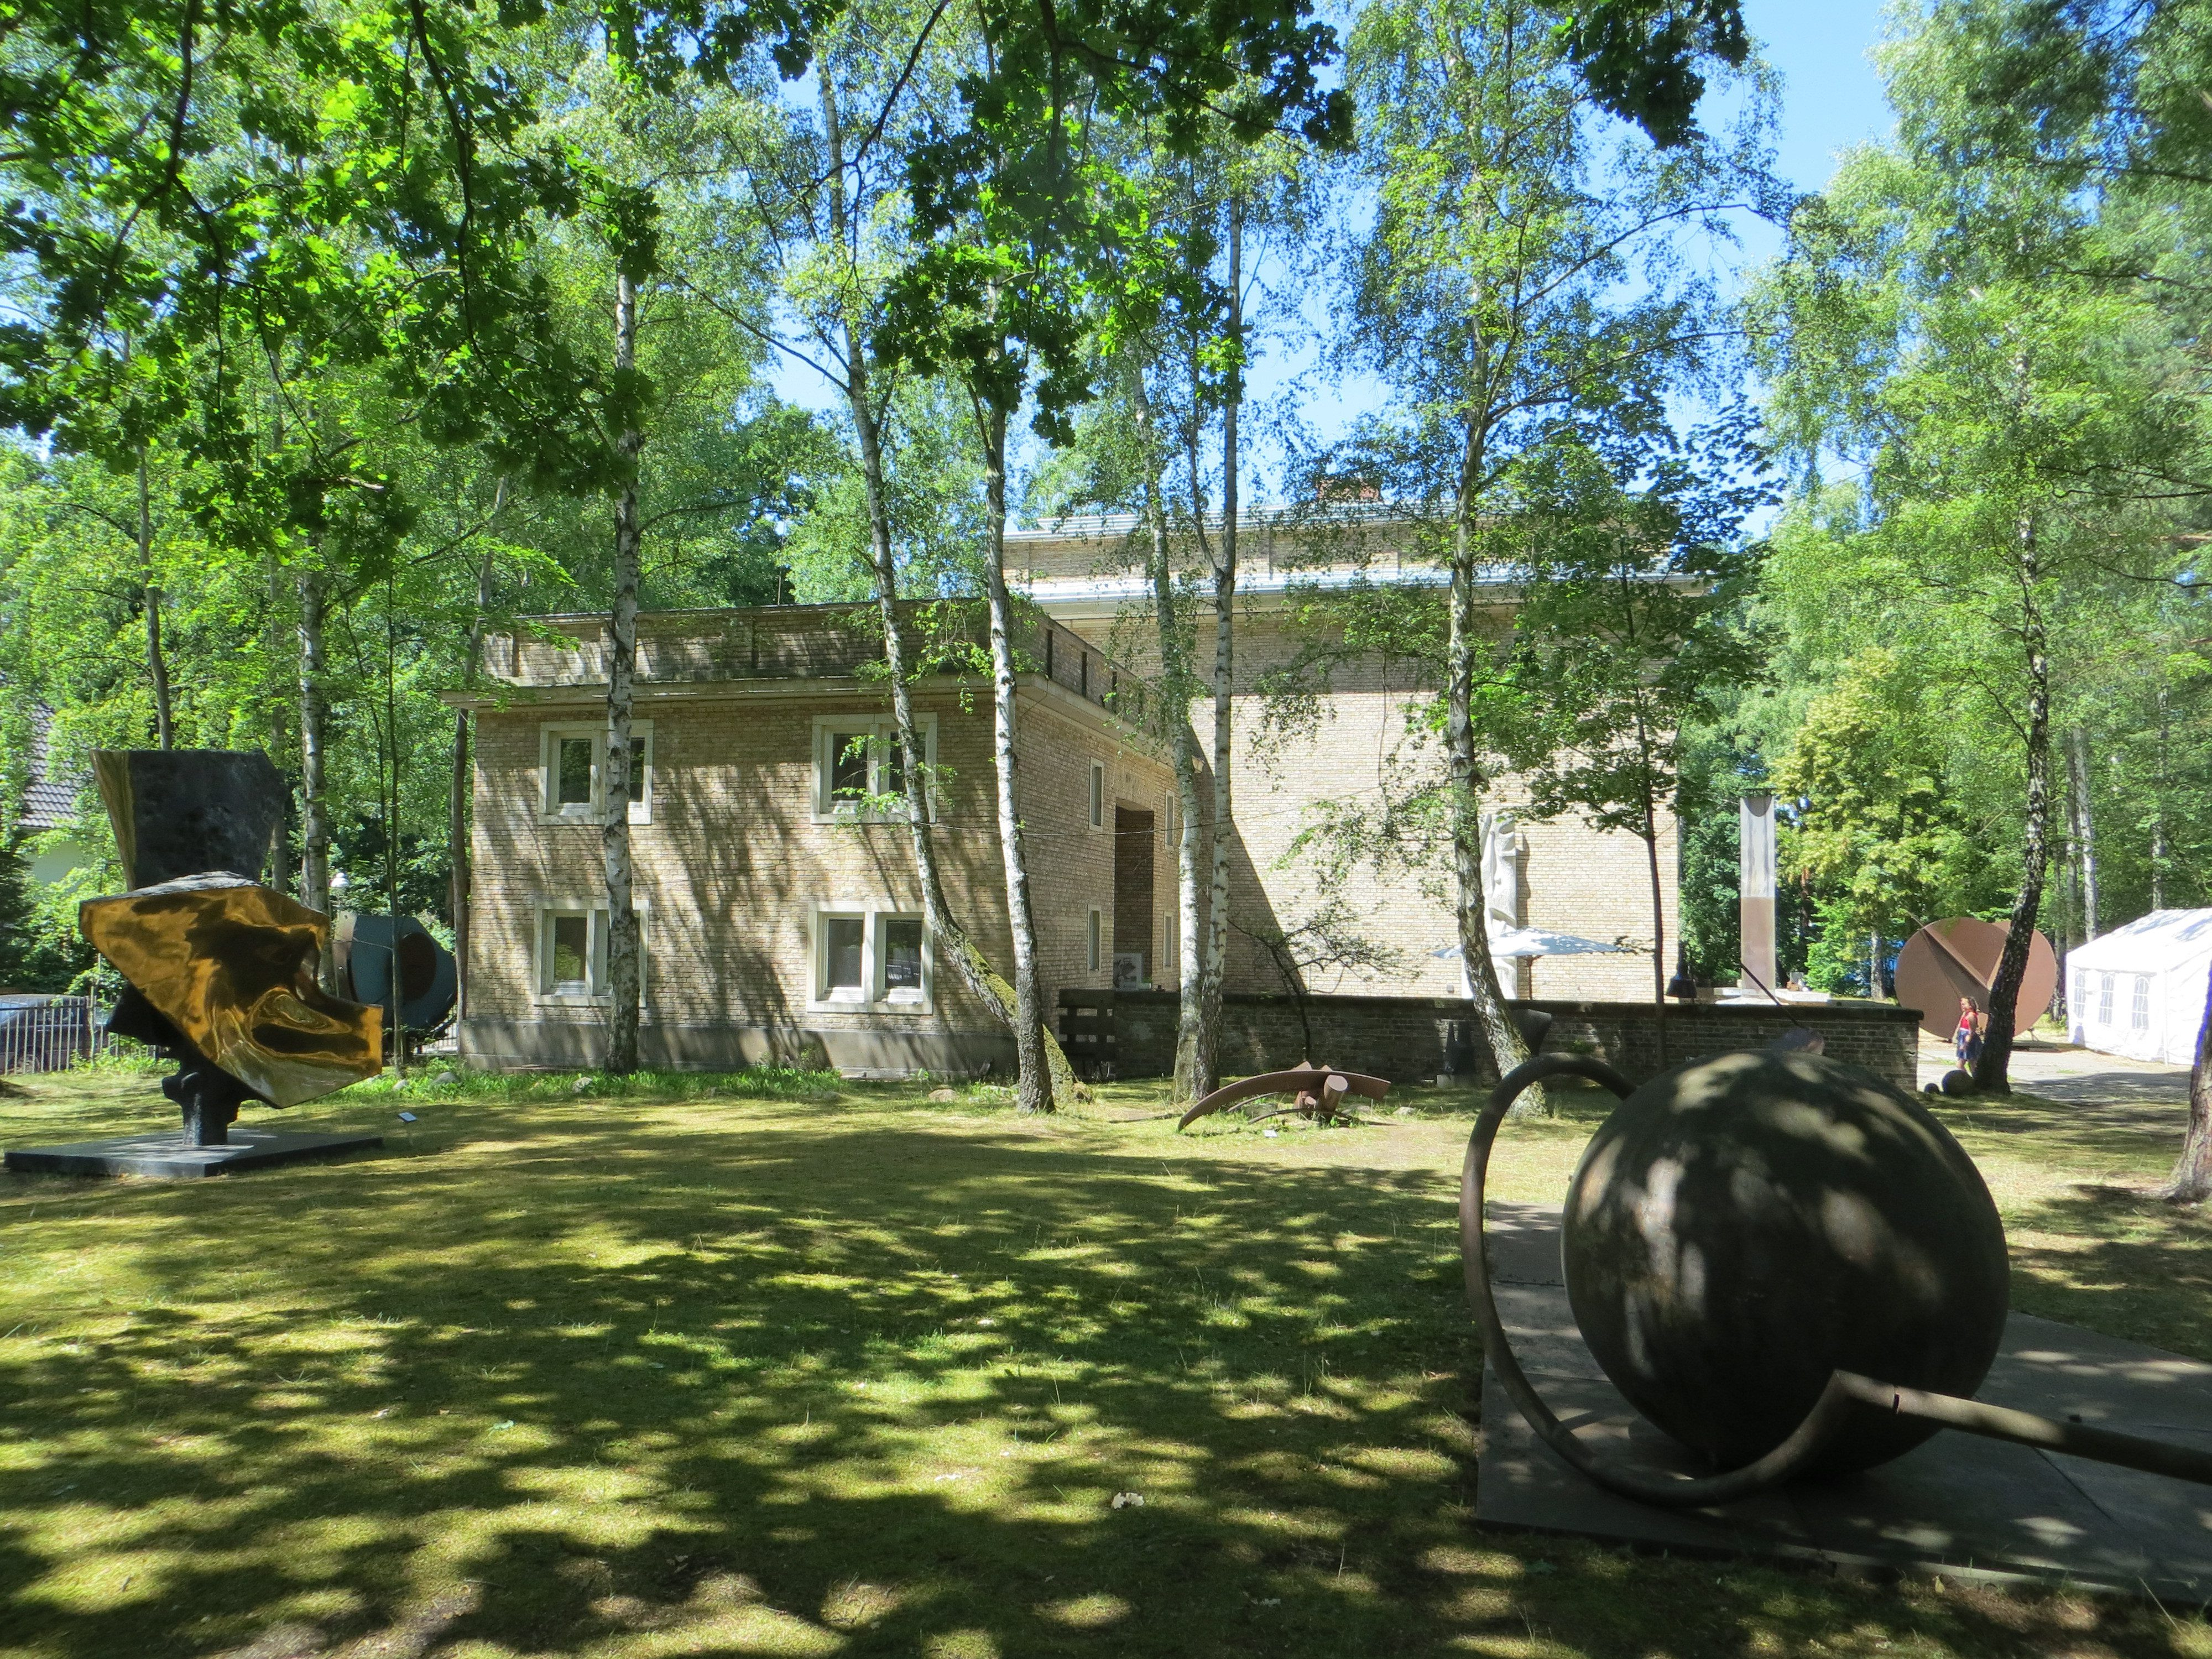 Das Kunsthaus Dahlem mit seinem großen Garten.